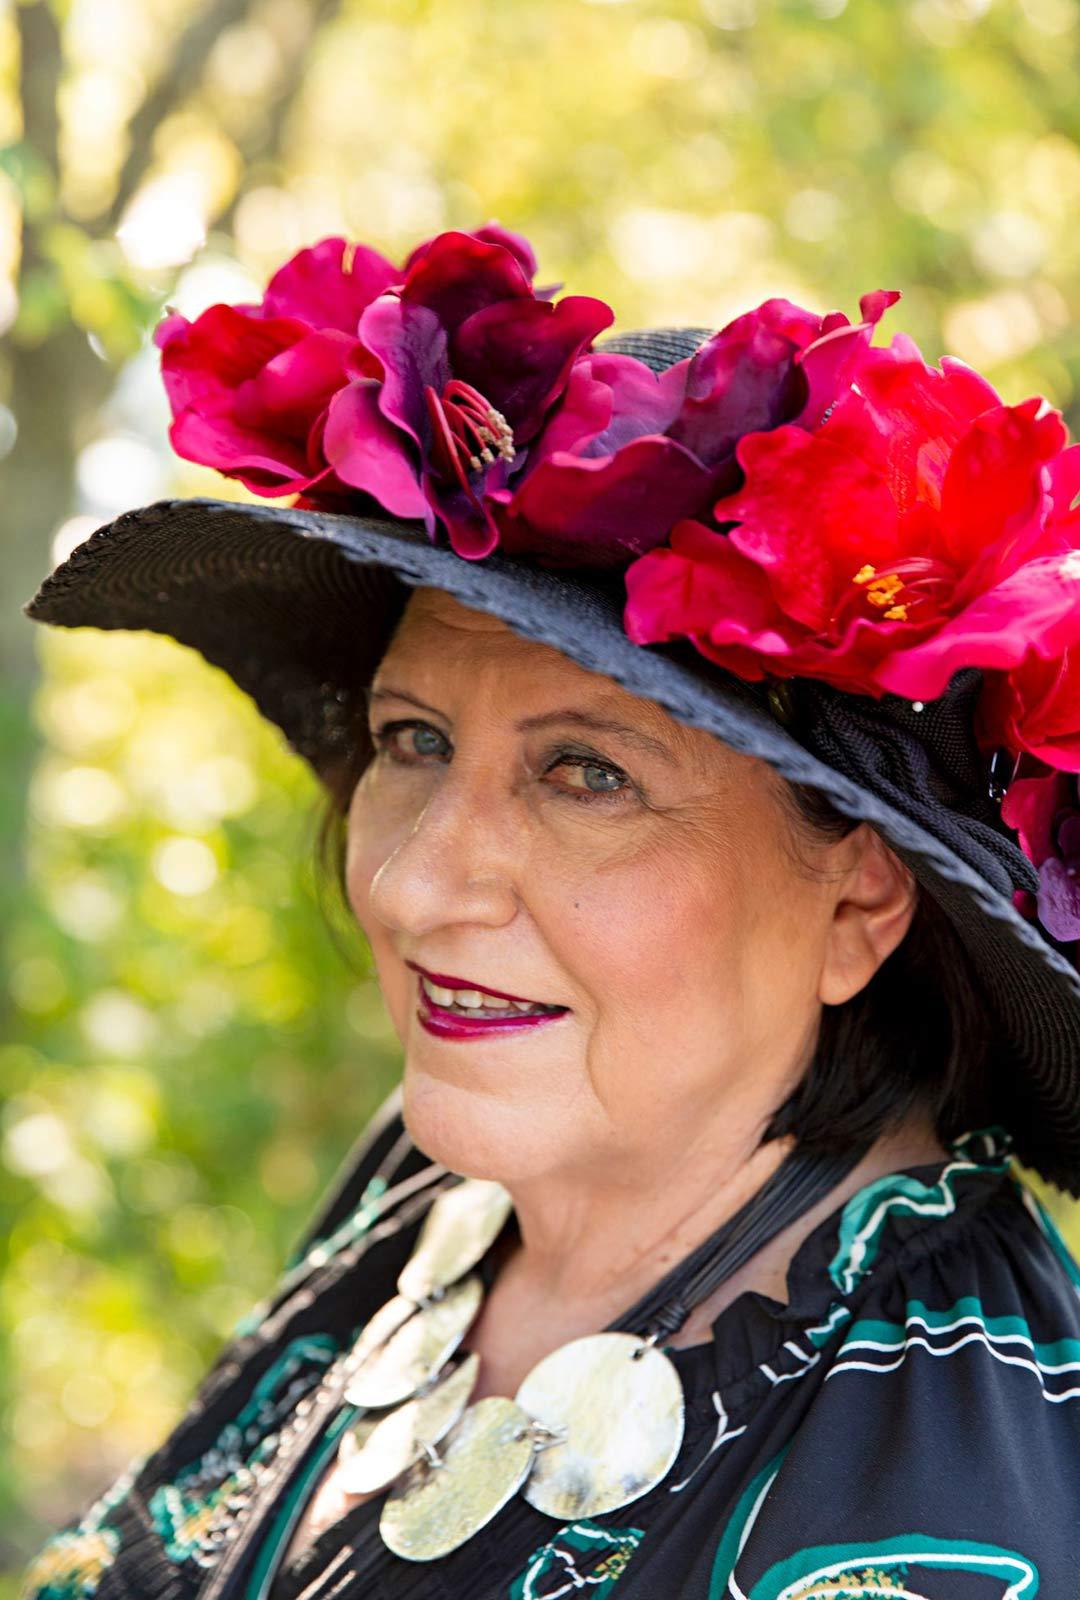 Näyttelemisestä pitkään haaveillut Satu Rantala teki hattuunsa koristeet tekoamarylliksistä.